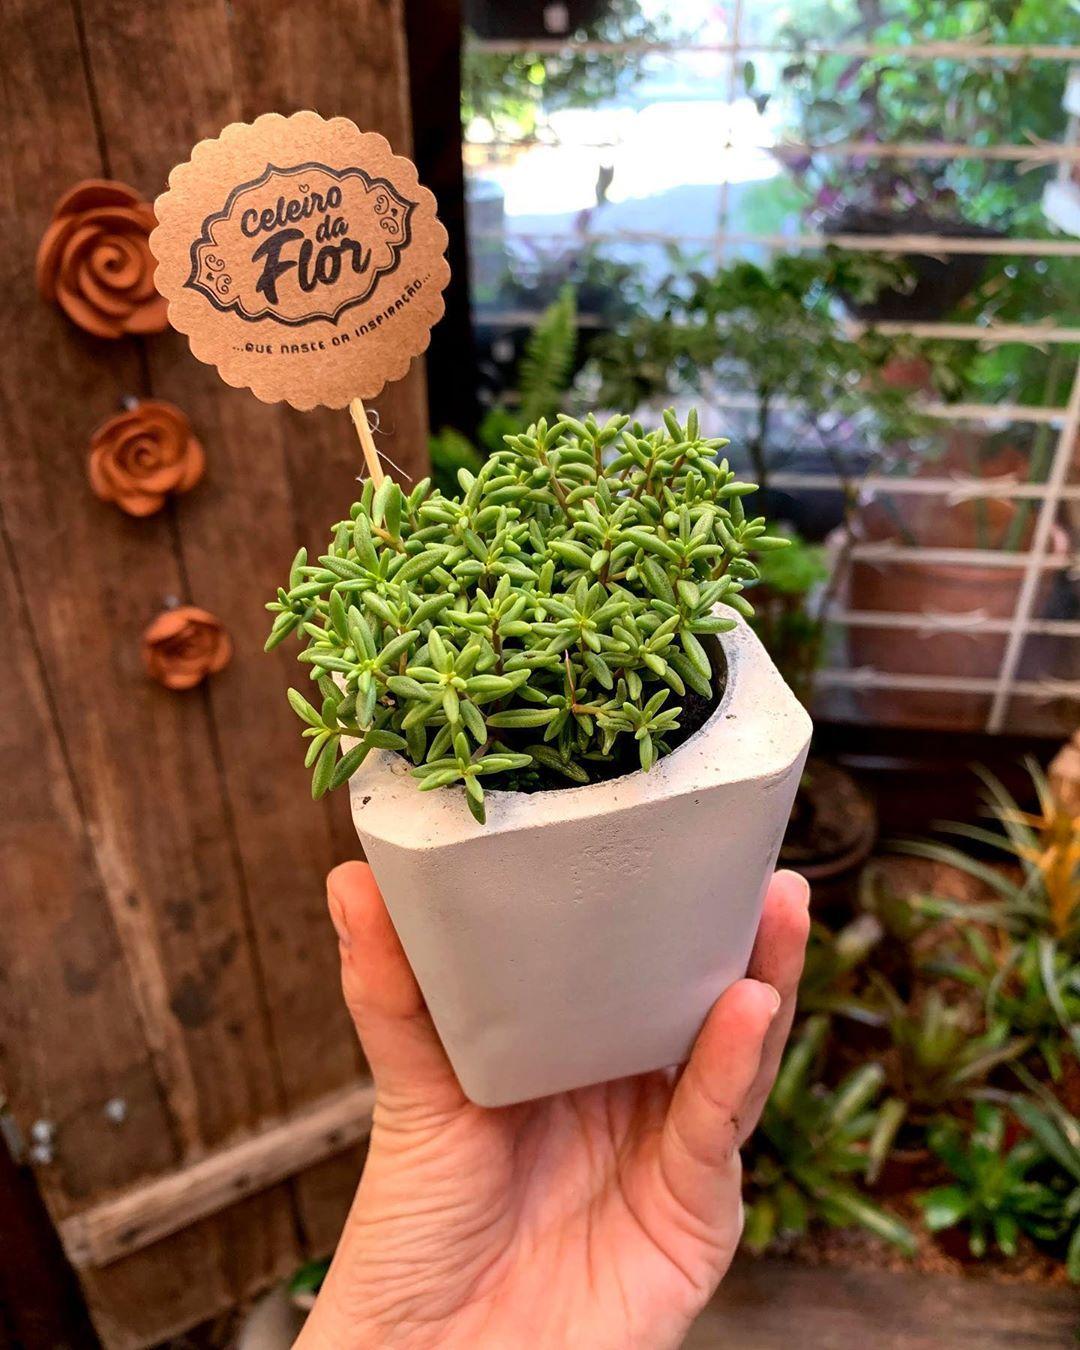 """Floricultura Celeiro da Flor 🌻 on Instagram: """"Dia de postar esses vasinhos que são a coisa MAIS LINDA DA VIDA! 🌿  Essas lindezas foram diretamente para Santa Cruz do Sul, embelezar o…"""""""